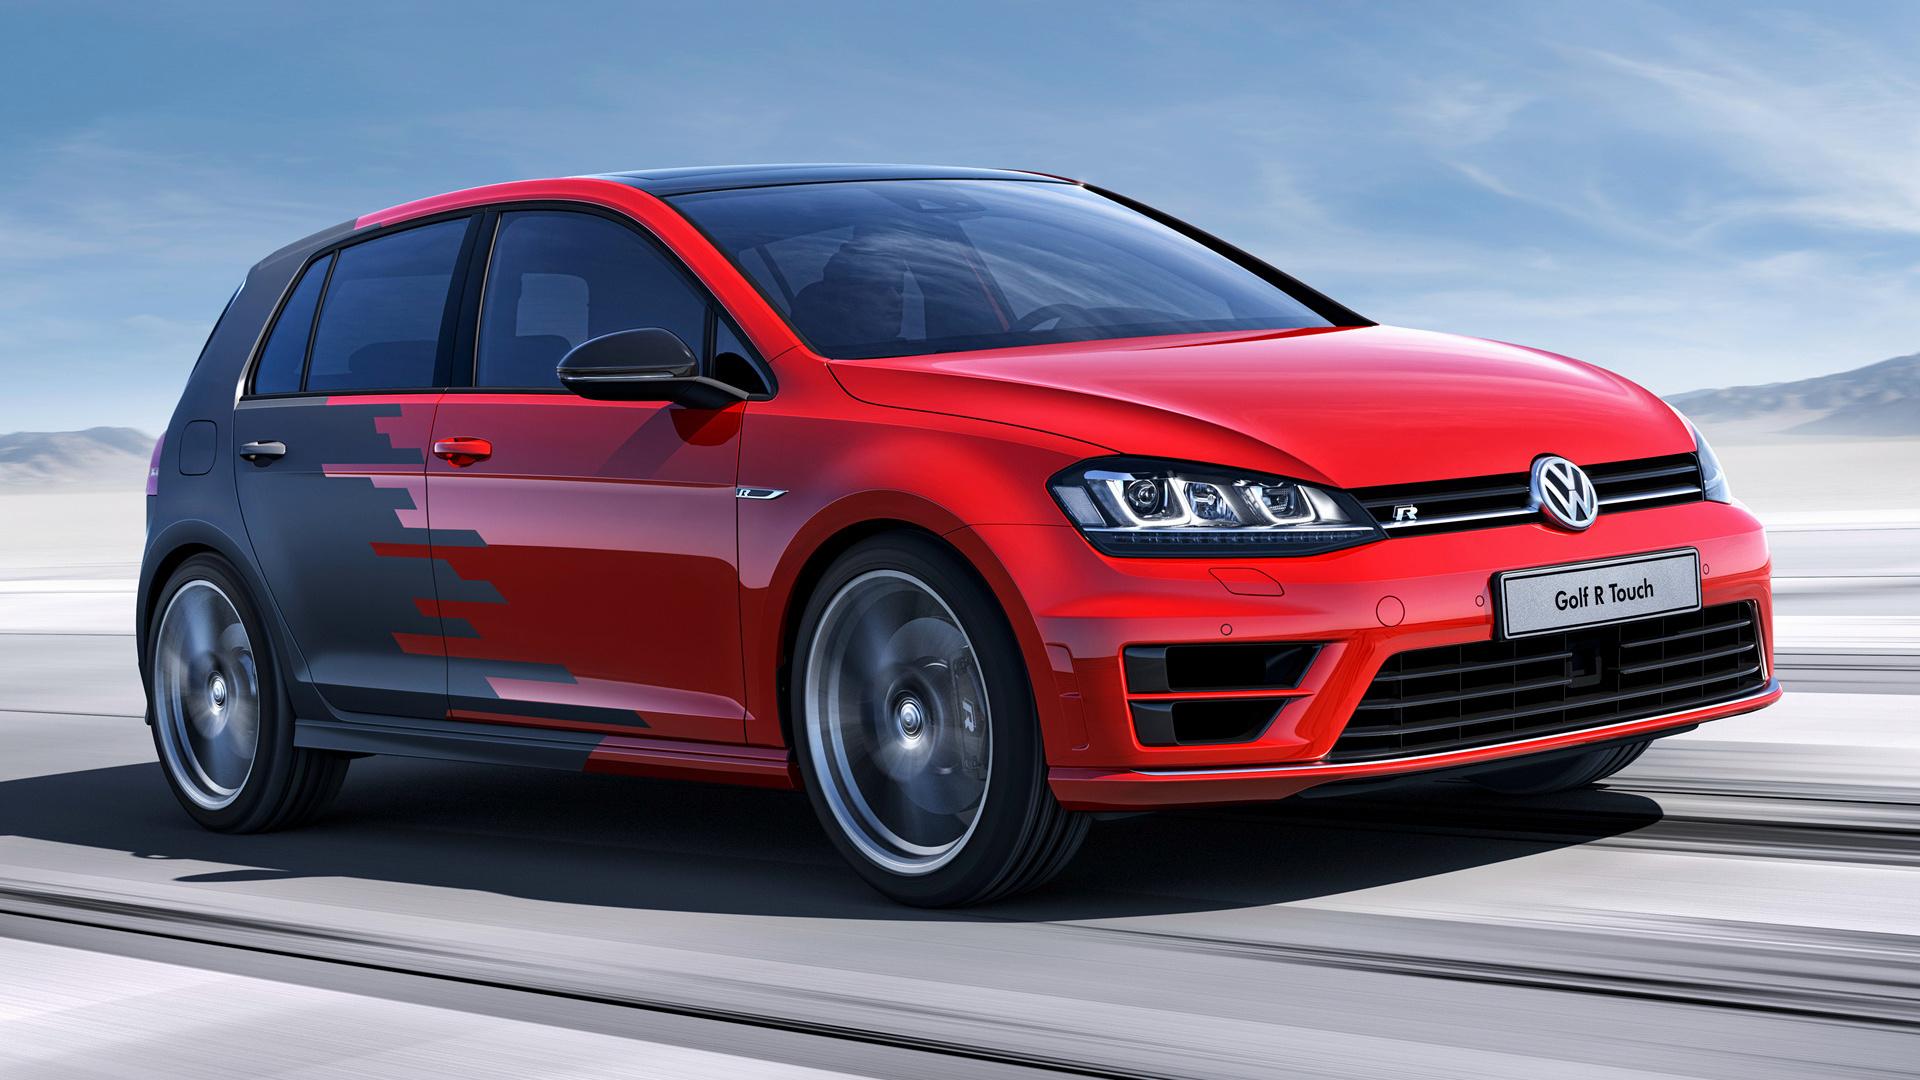 Volkswagen Golf R Touch 5 door 2015 Wallpapers and HD Images 1920x1080